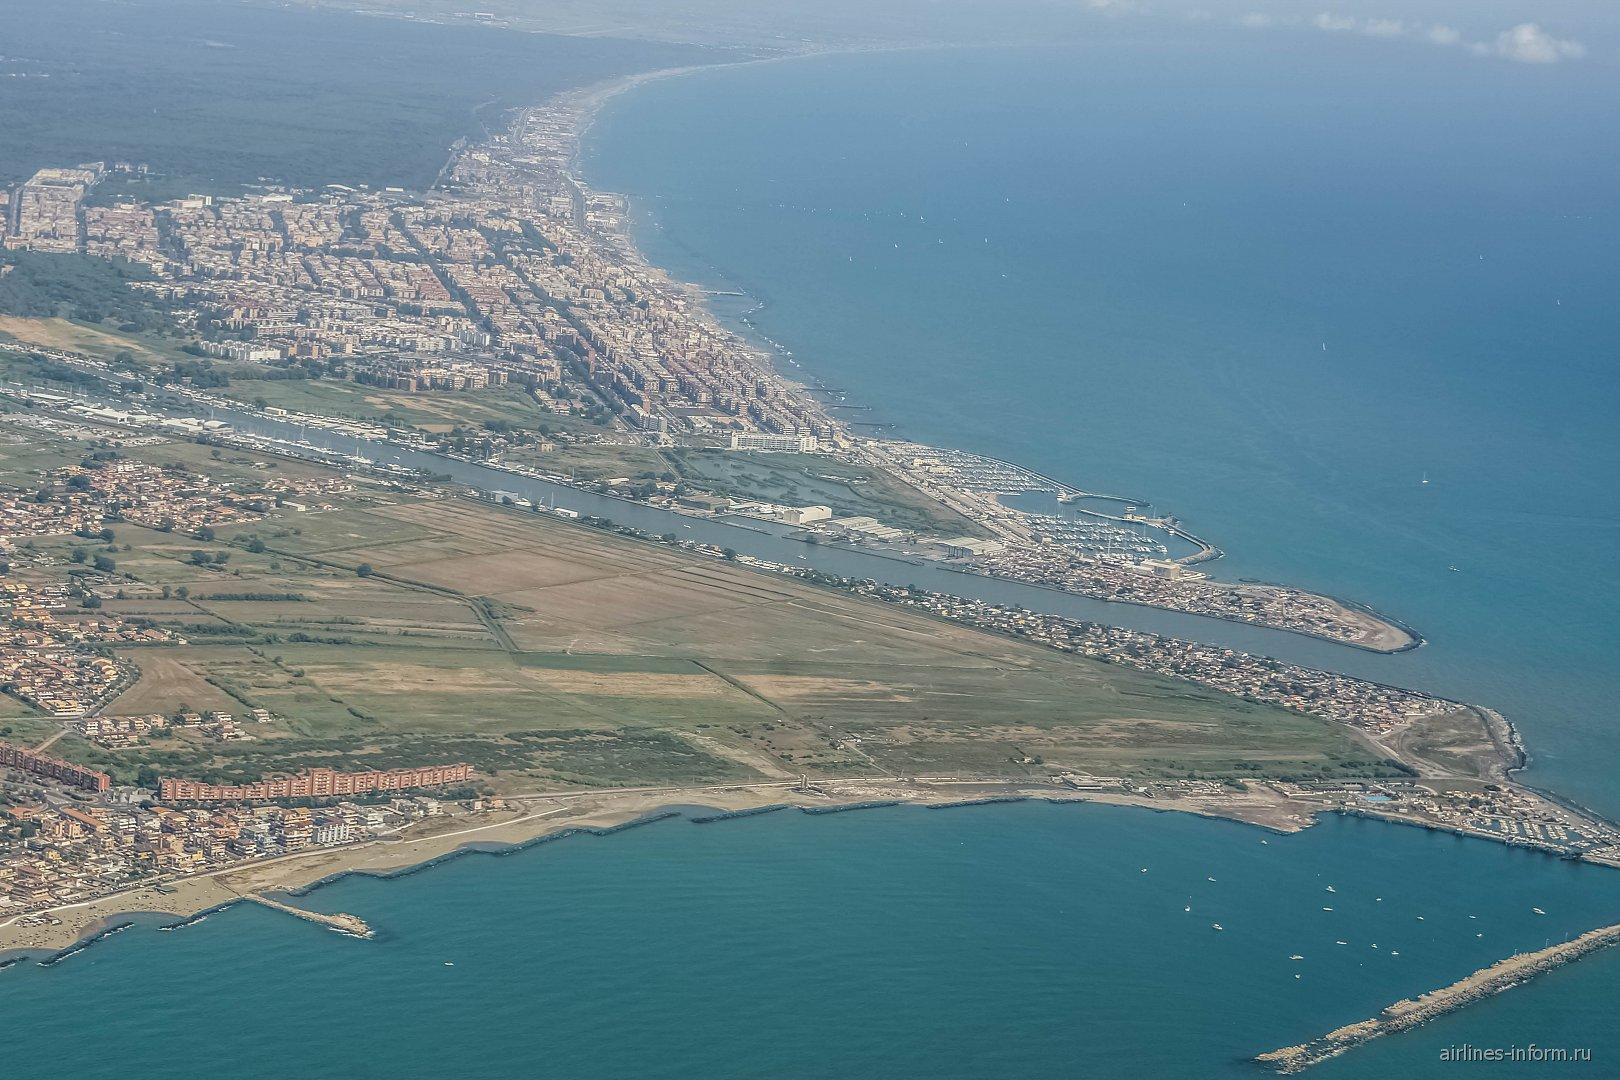 Устье реки Тибр сразу после взлета из аэропорта Рим Фьюмичино